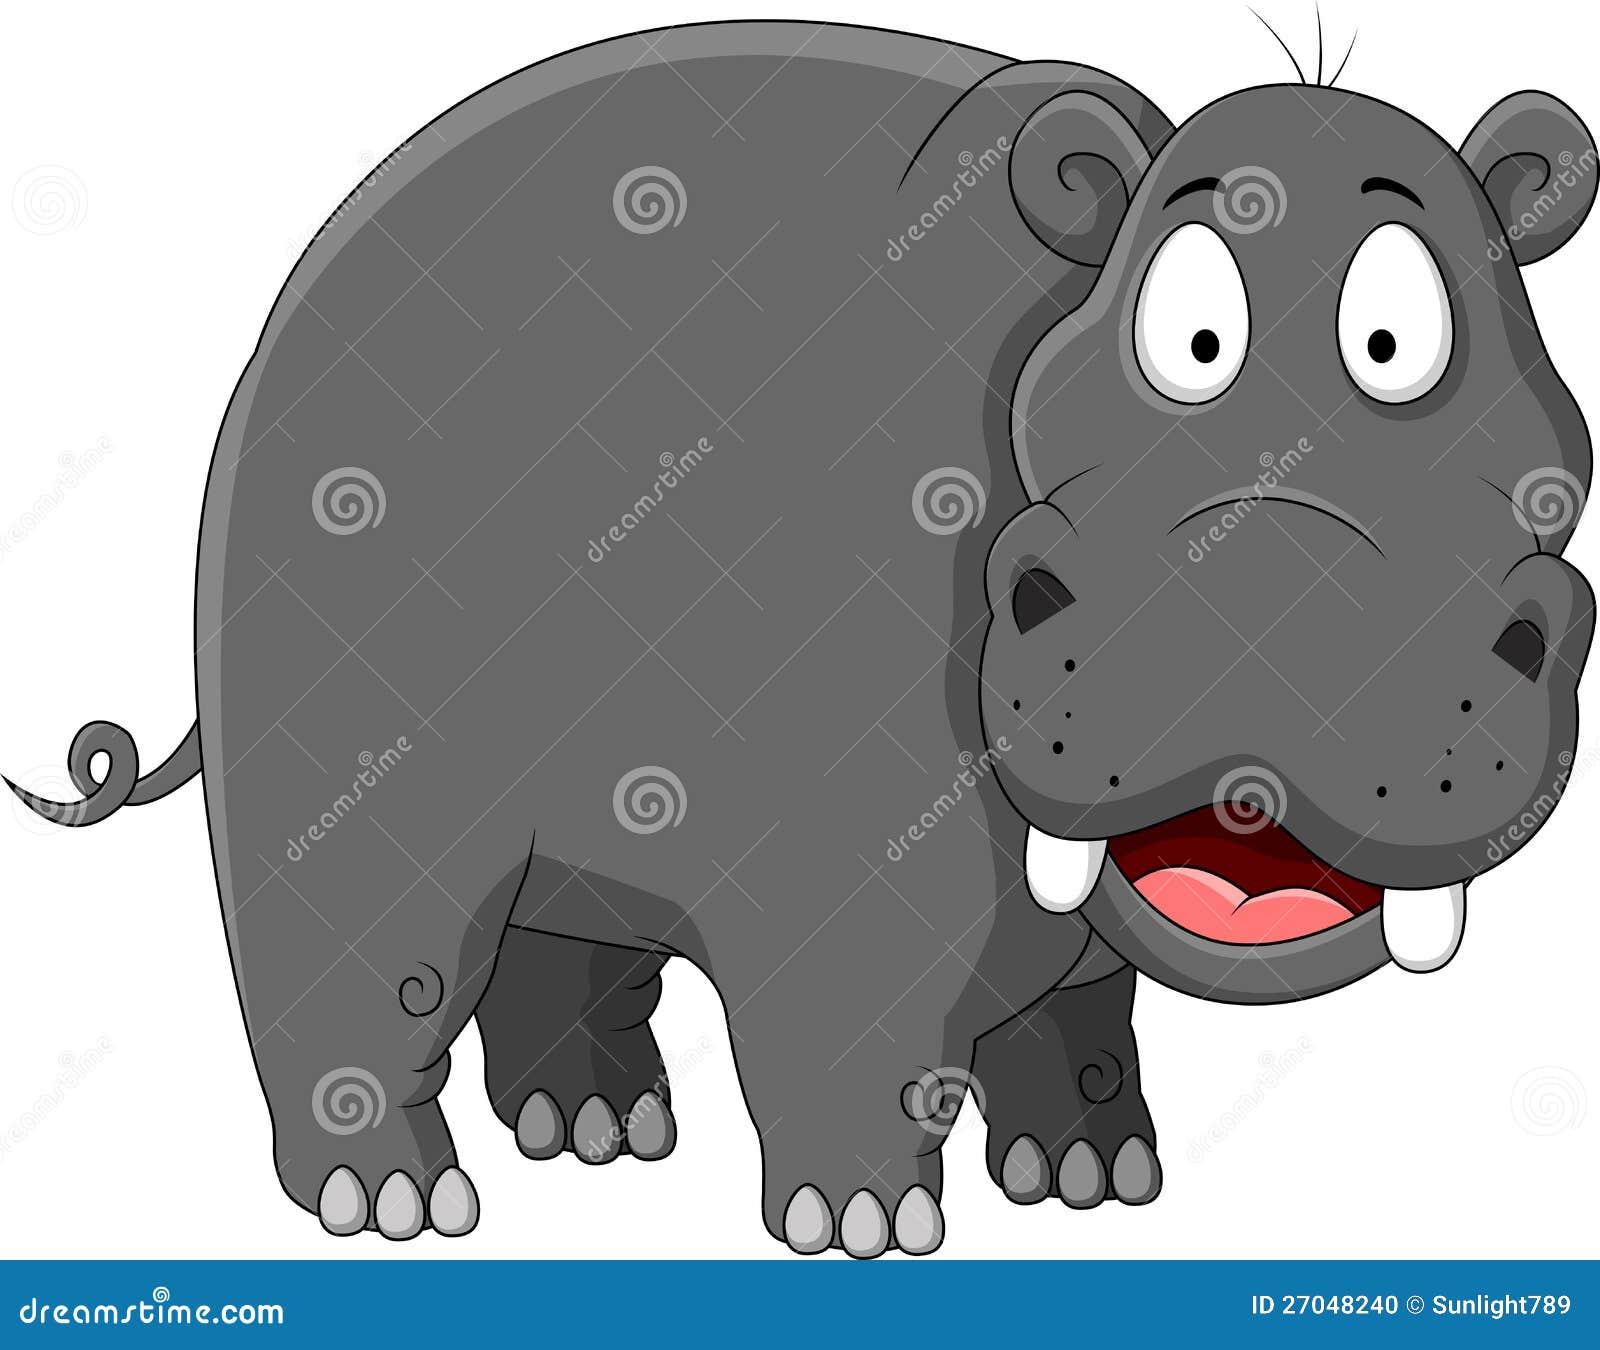 Funny Hippo Cartoon Stock Photo - Image: 27048240